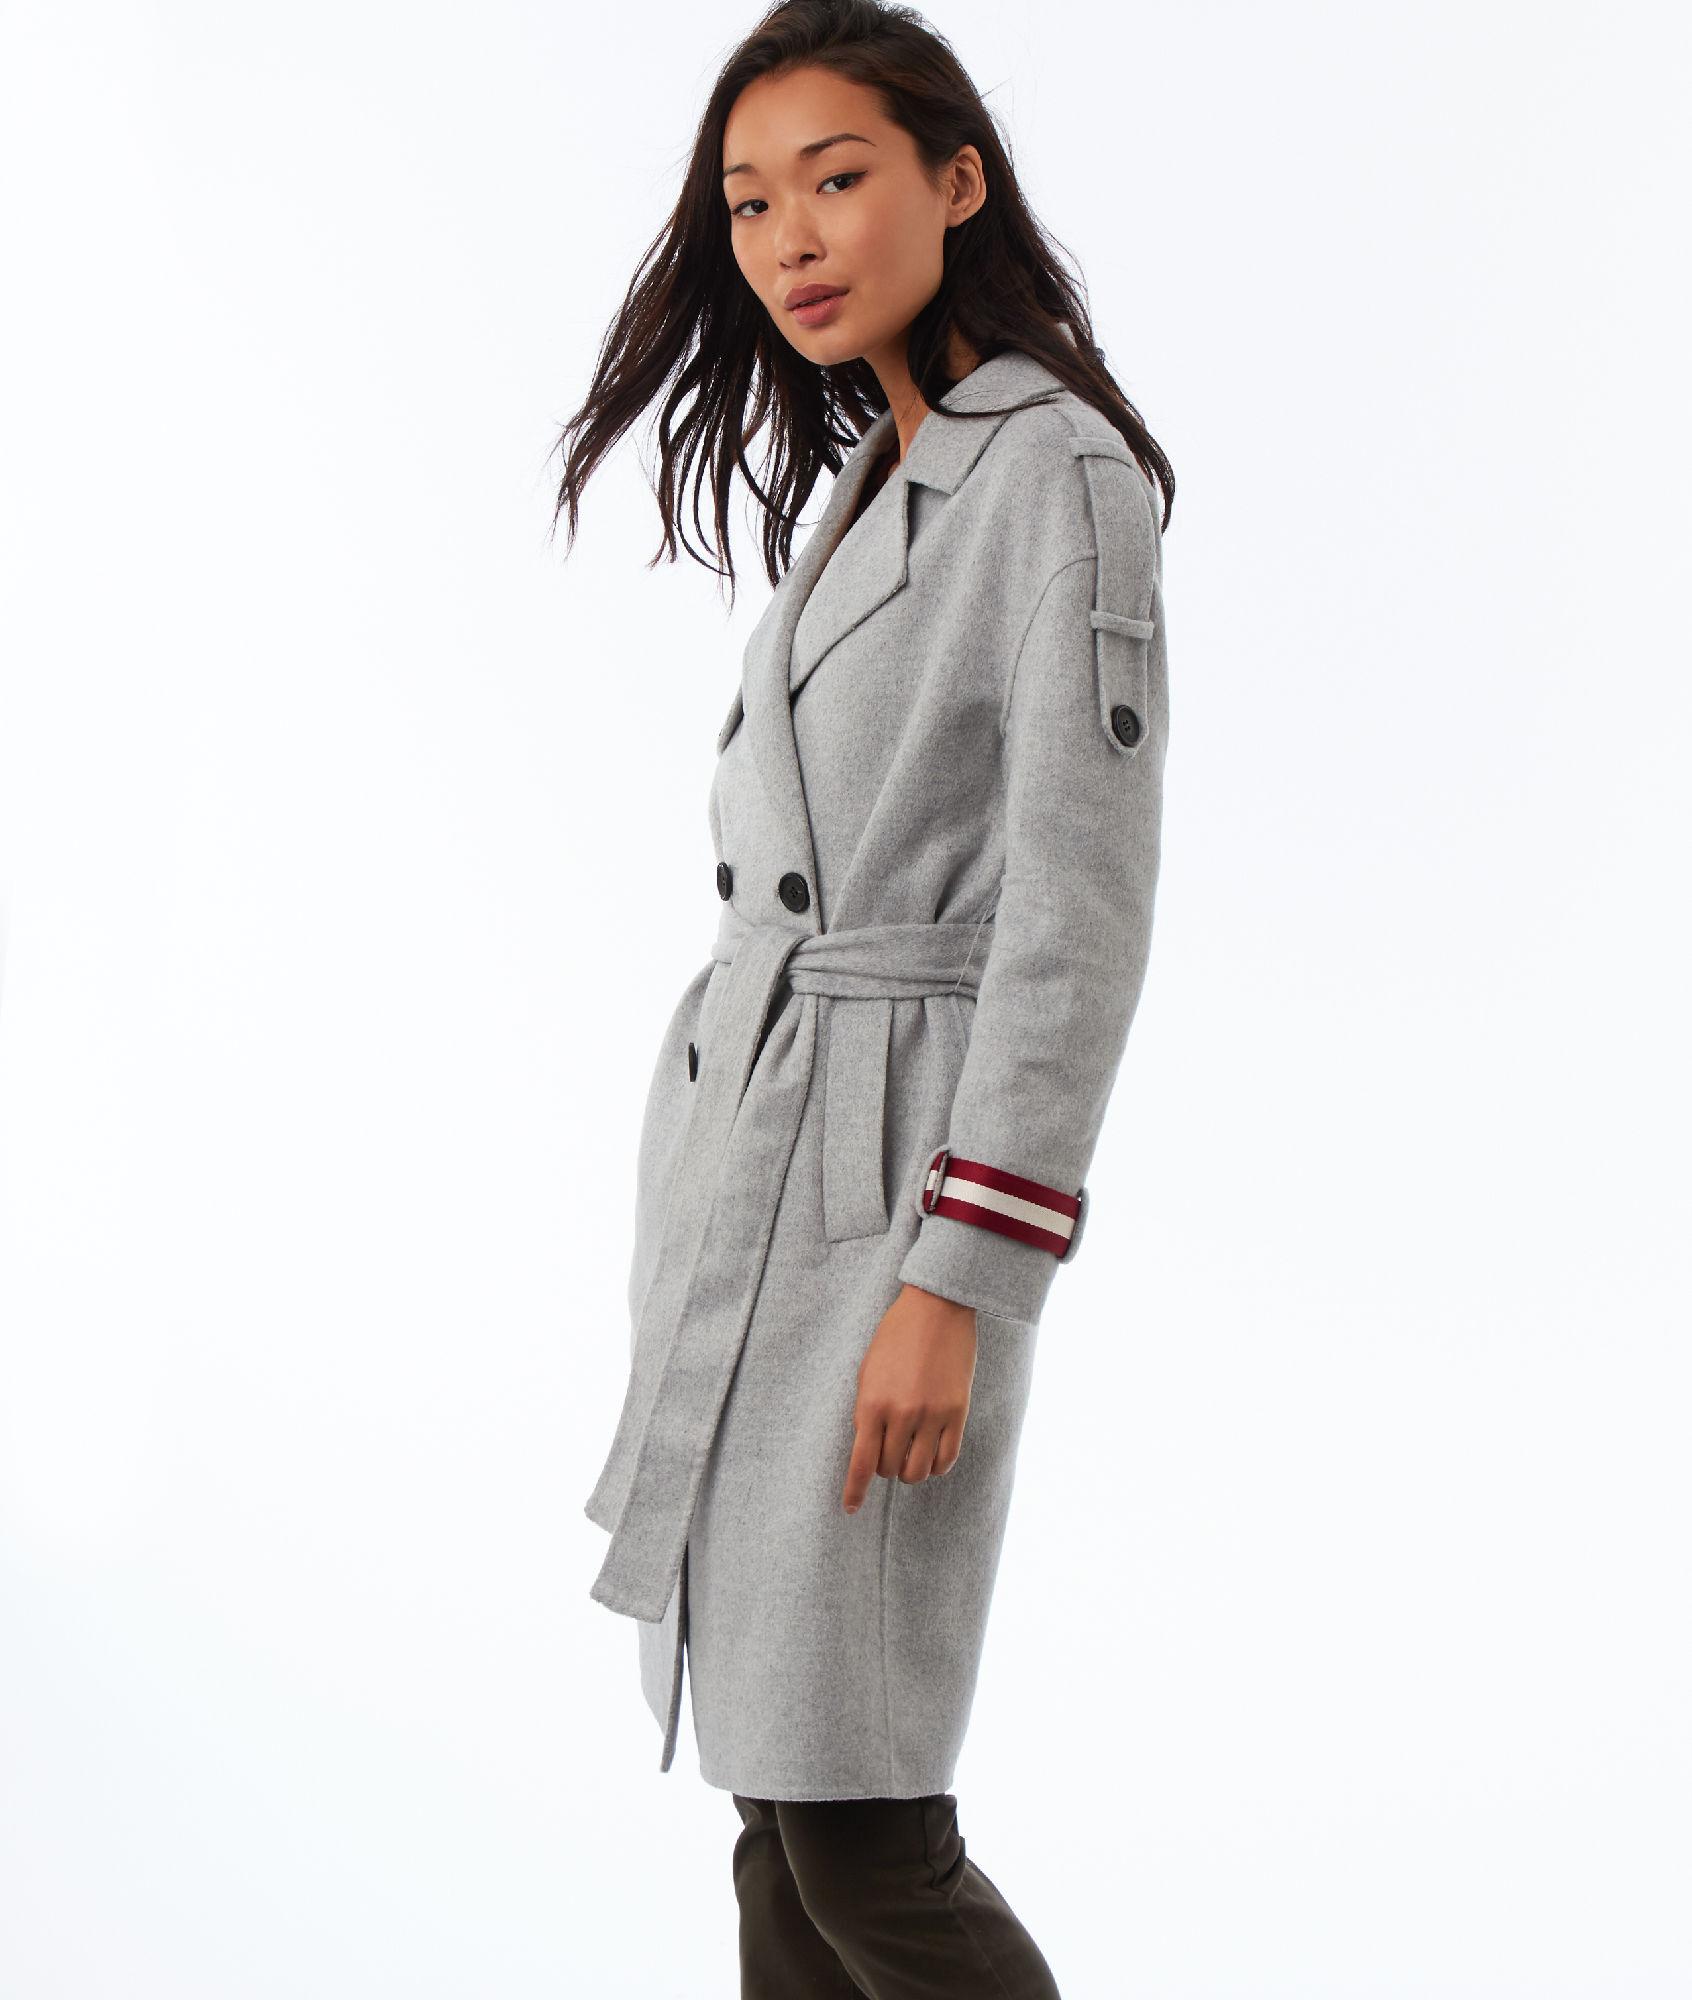 Manteau long gris clair